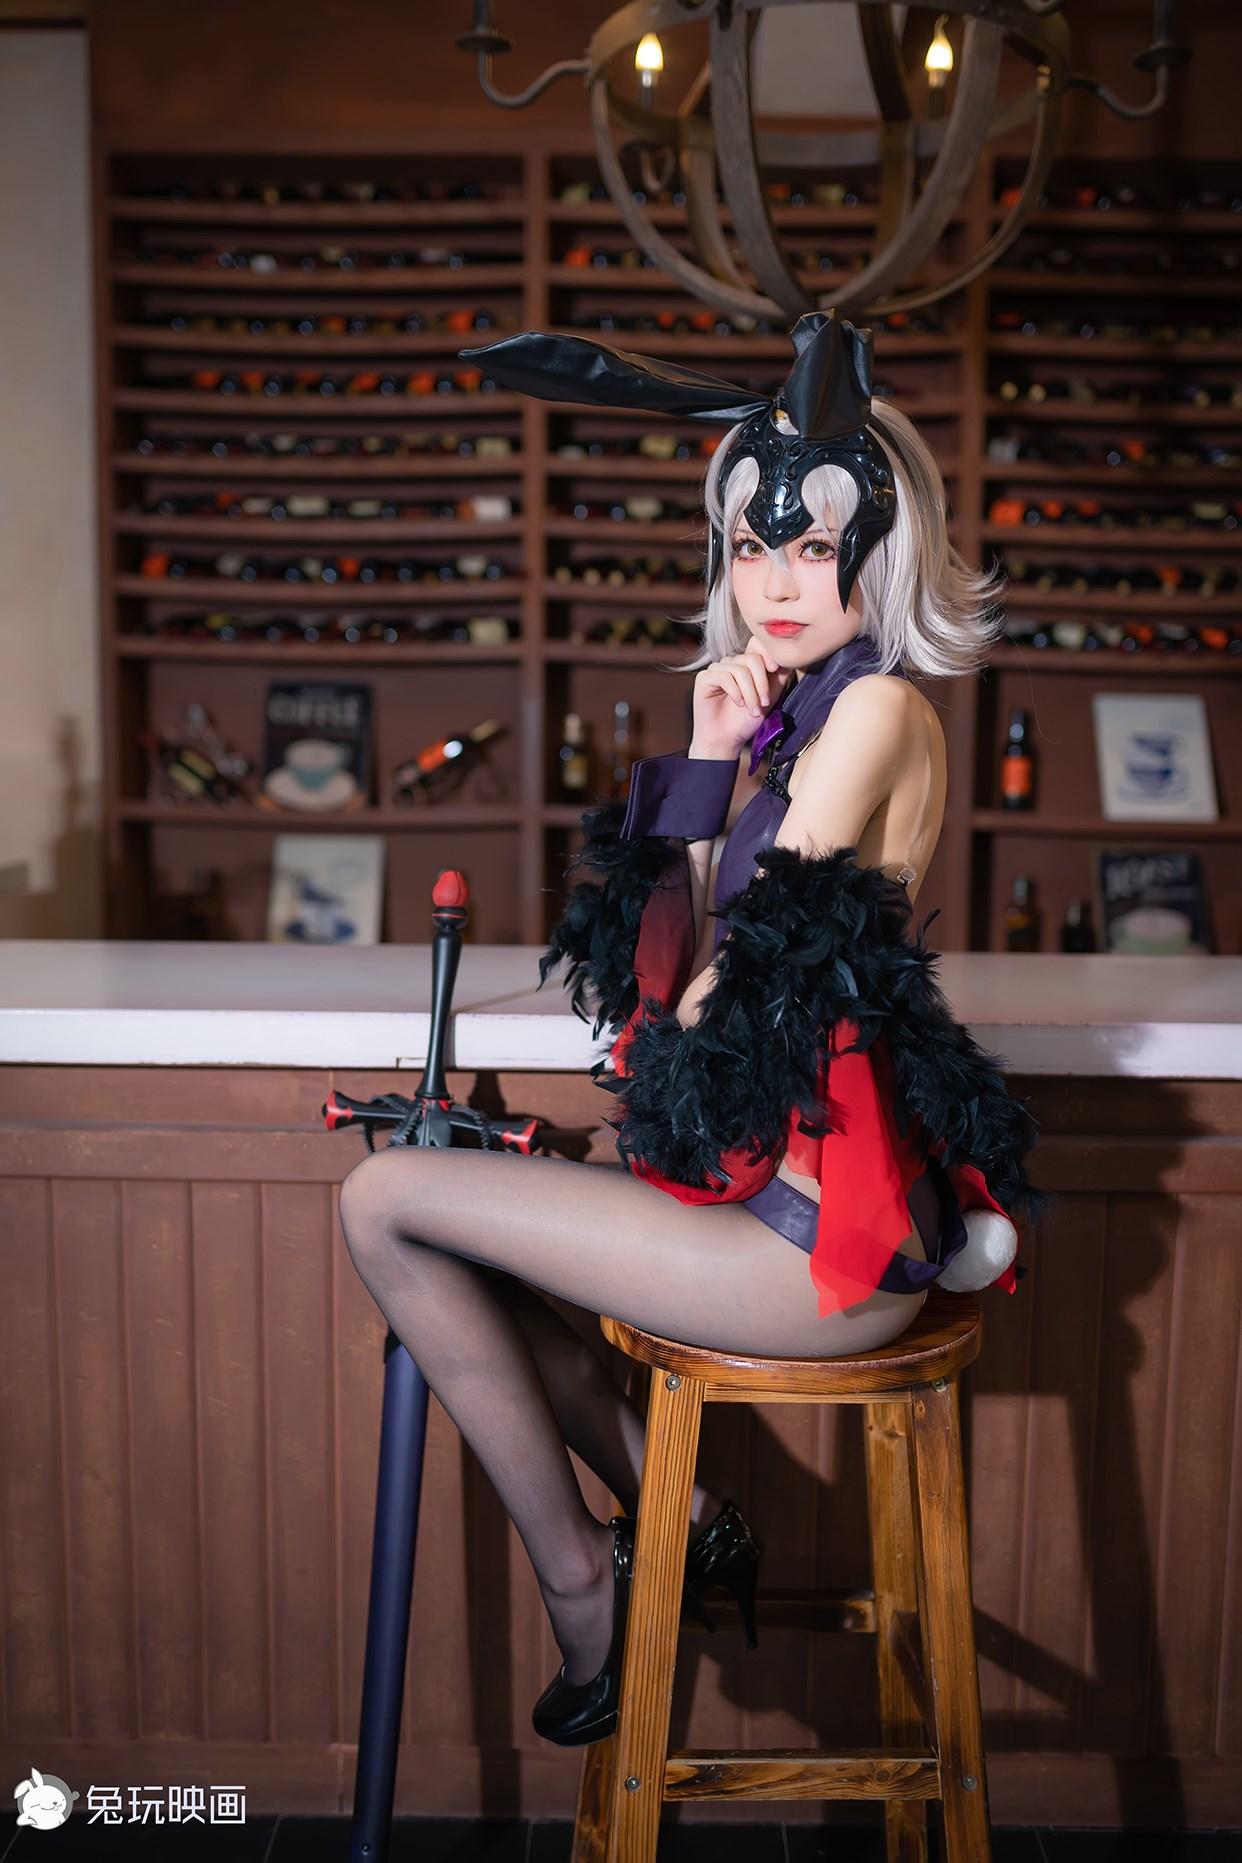 【兔玩映画】兔女郎vol.13-贞德 兔玩映画 第1张